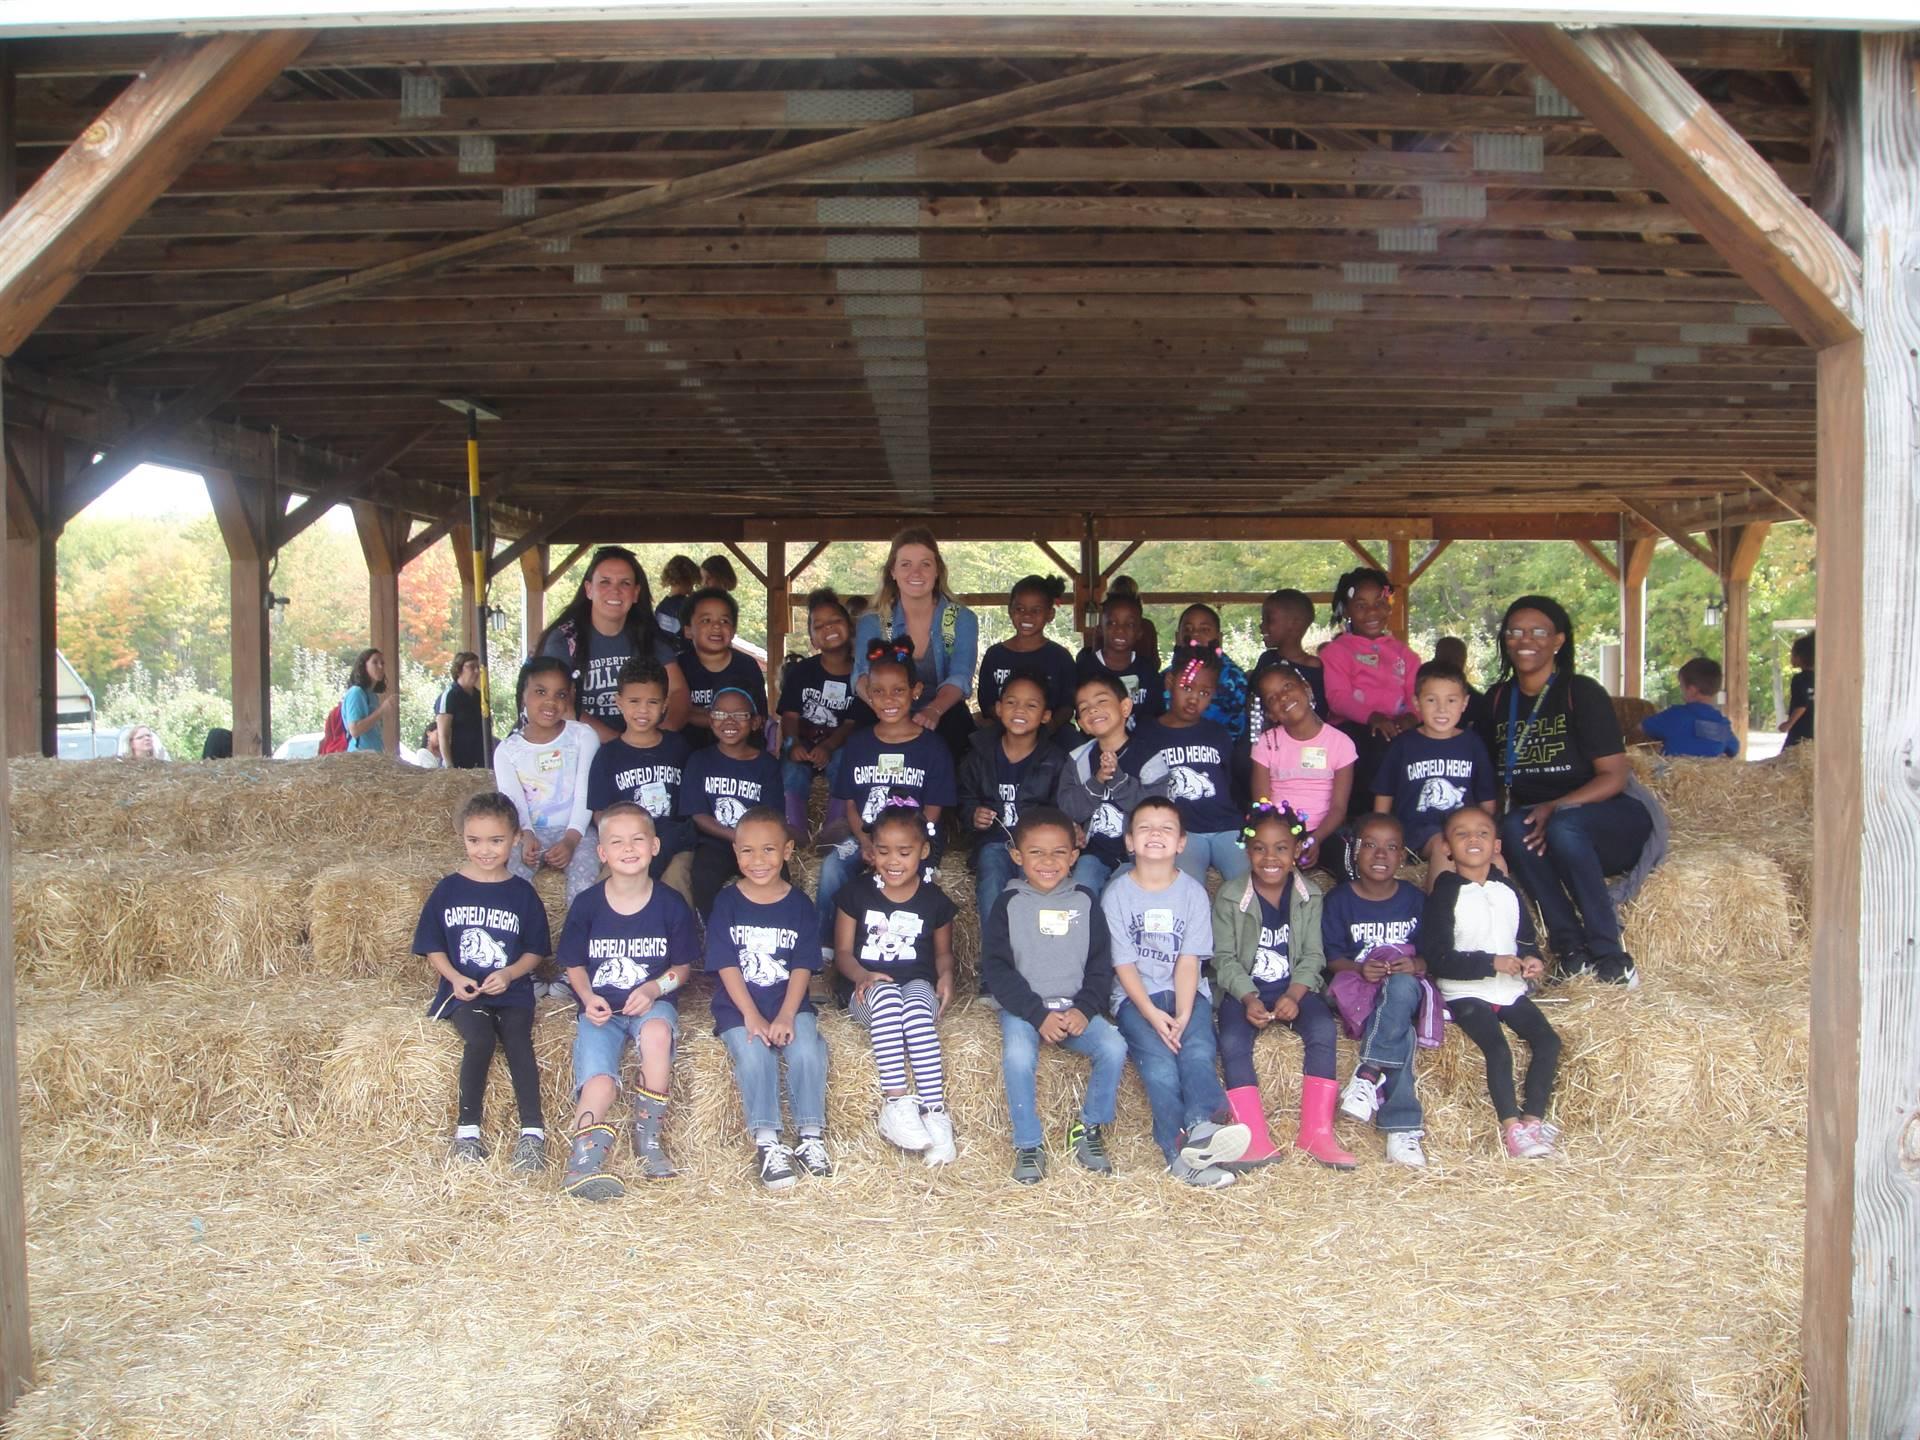 Patterson's Farm